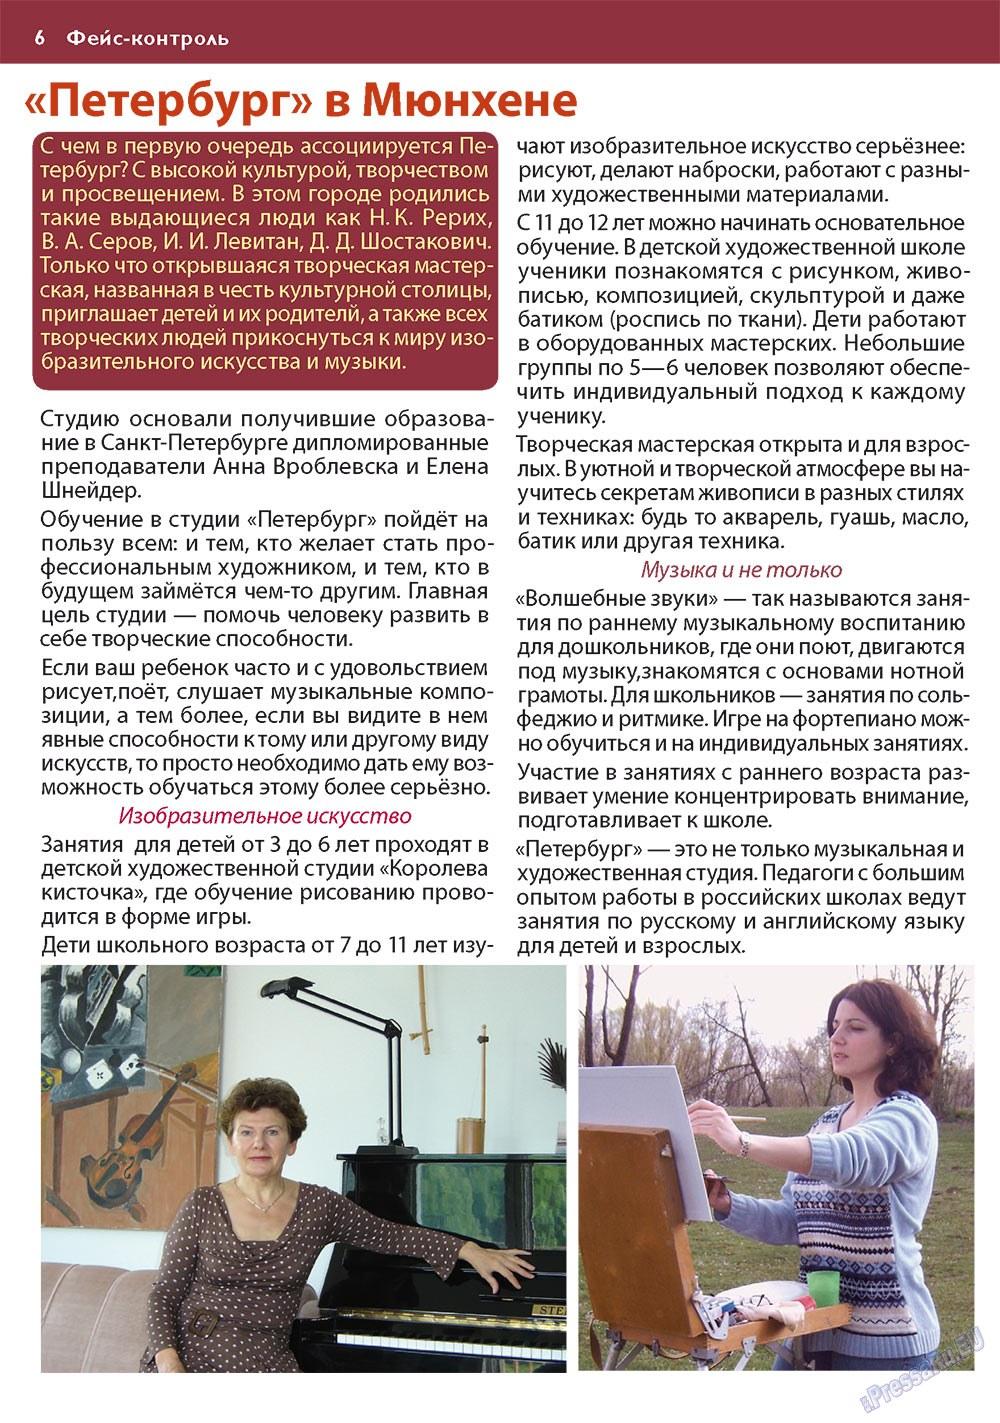 Апельсин (журнал). 2010 год, номер 14, стр. 6